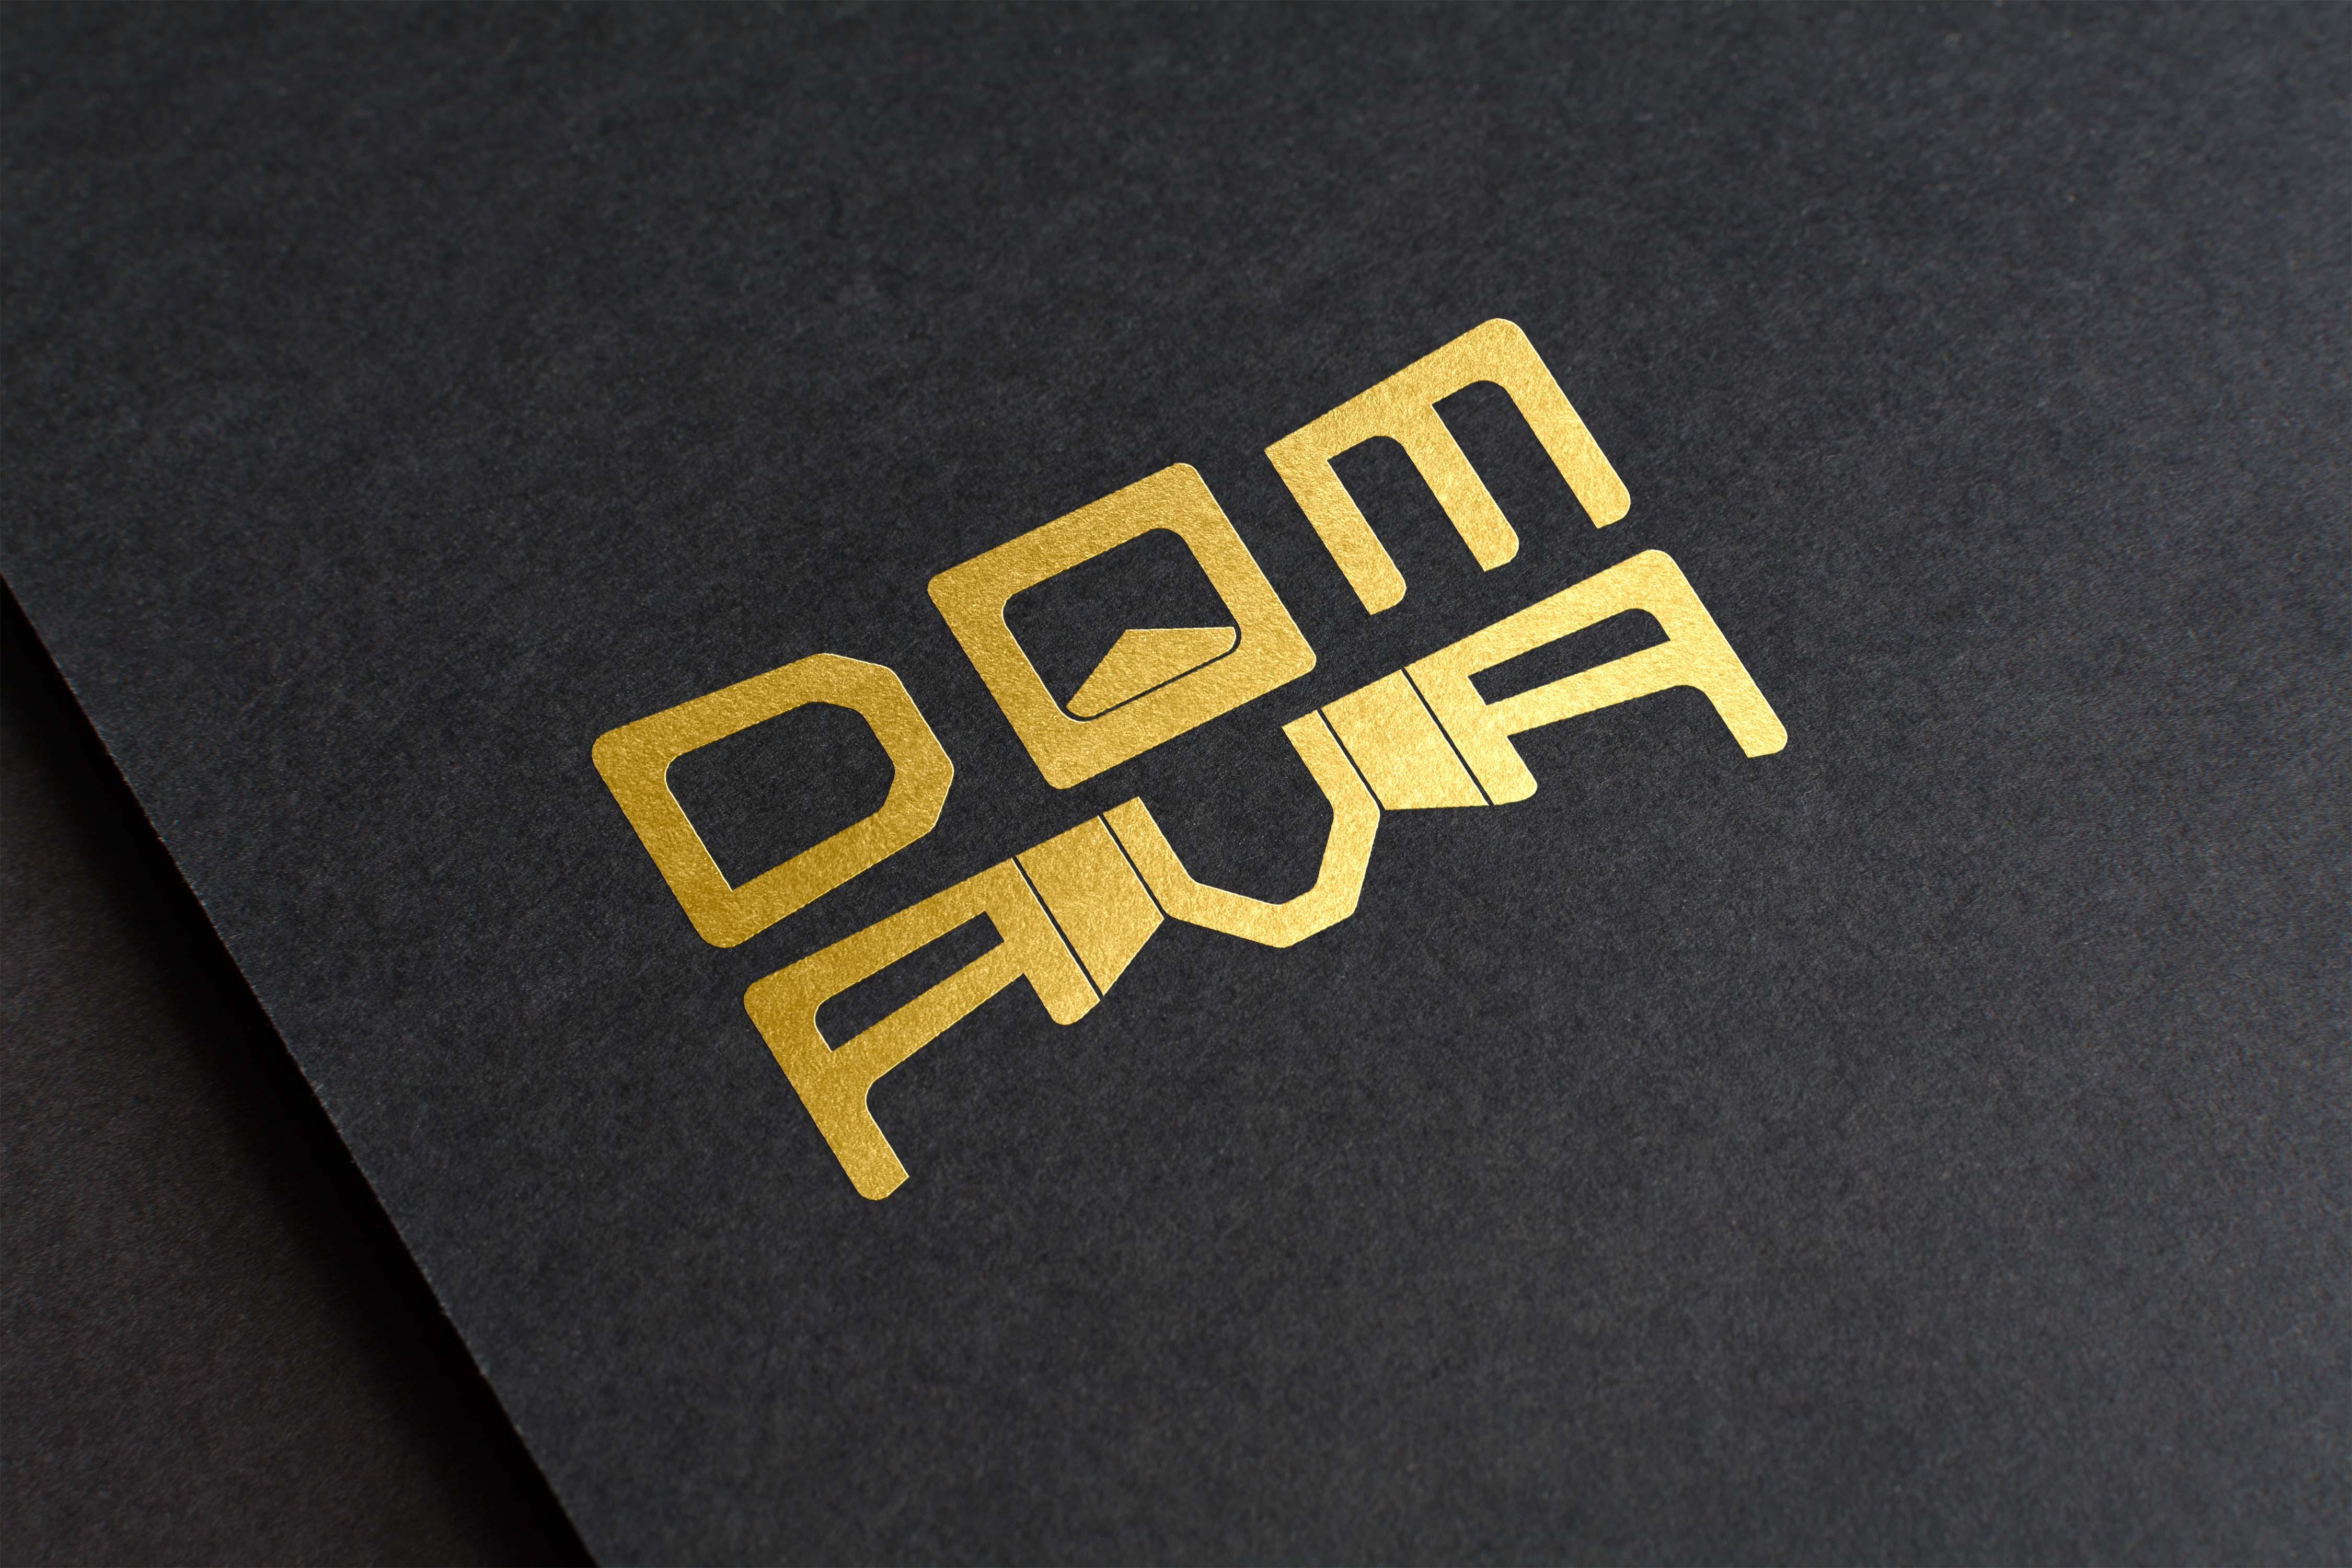 Разработка логотипа с паспортом стандартов фото f_3995b9cf5aabeef2.jpg